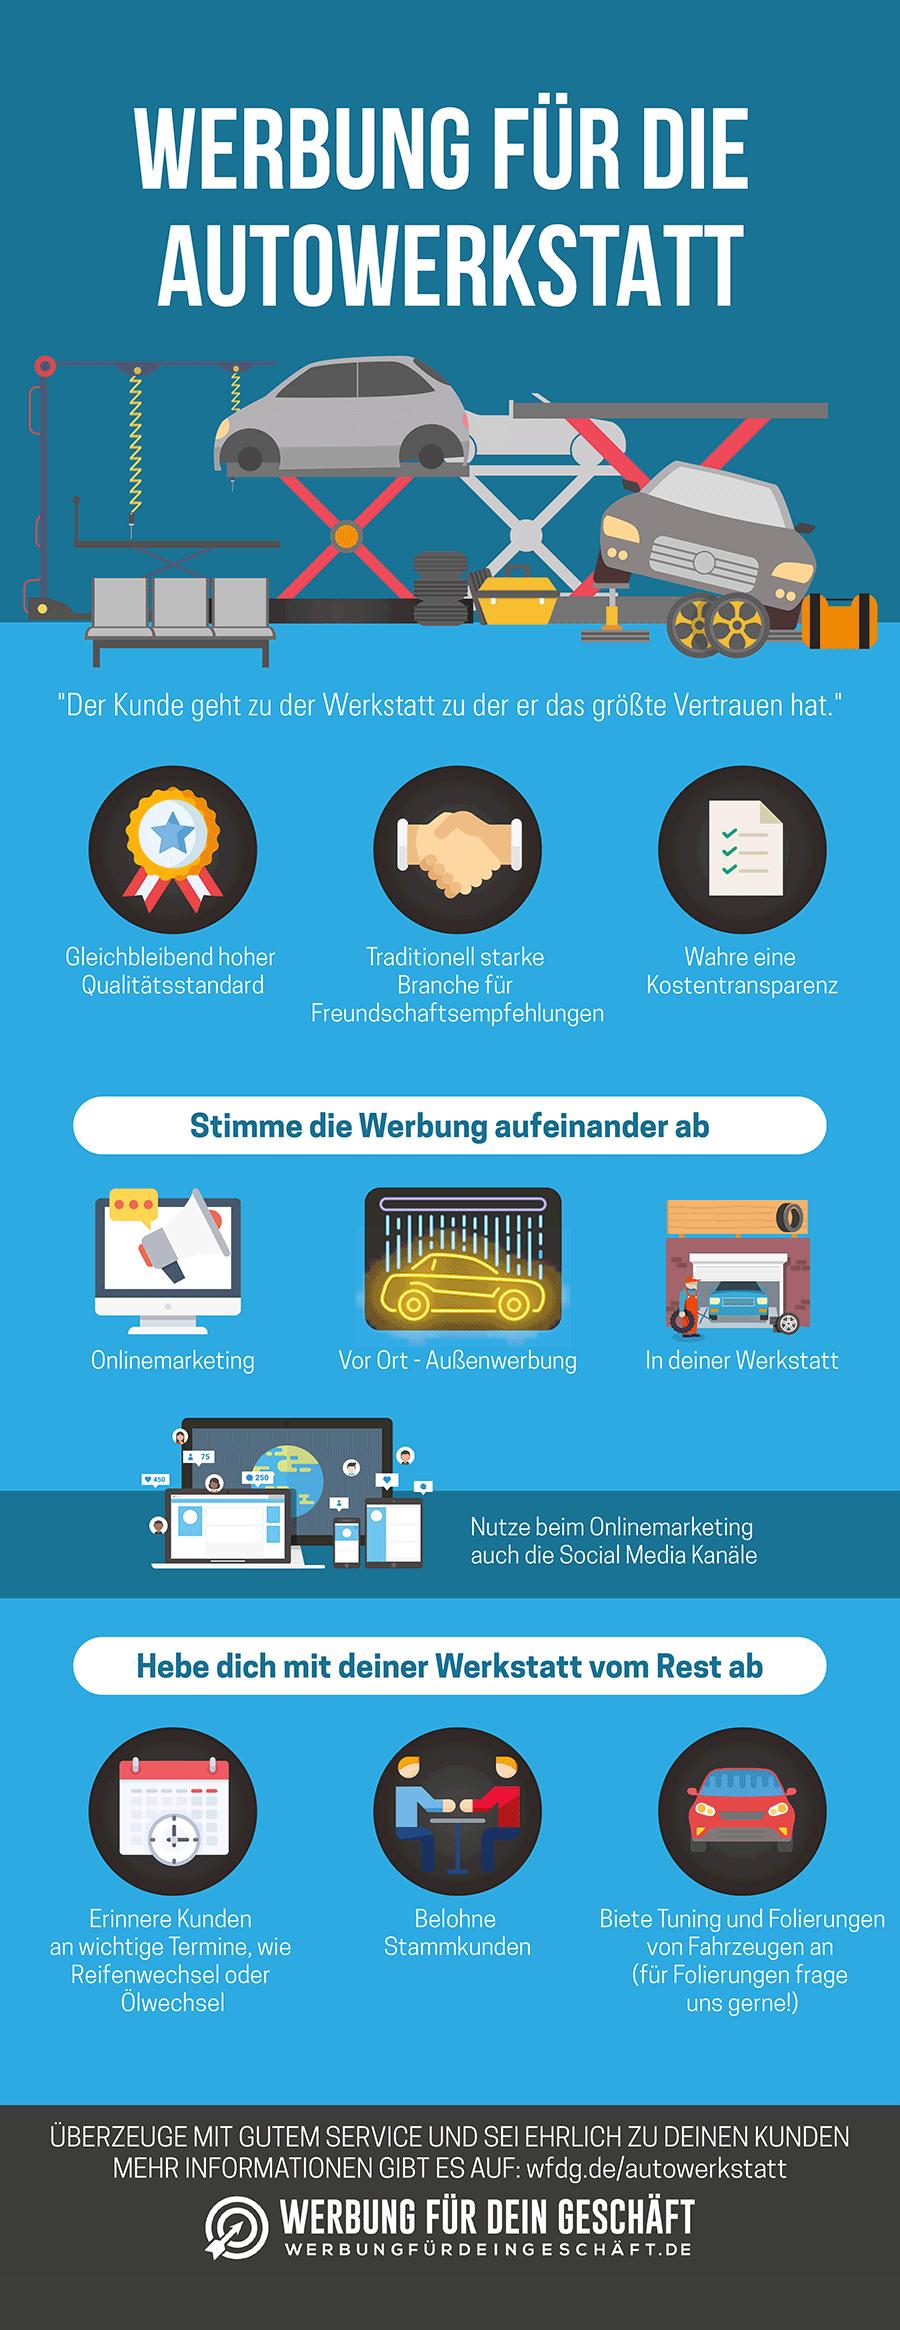 Infografik zum Thema Werbung für die Autowerkstatt